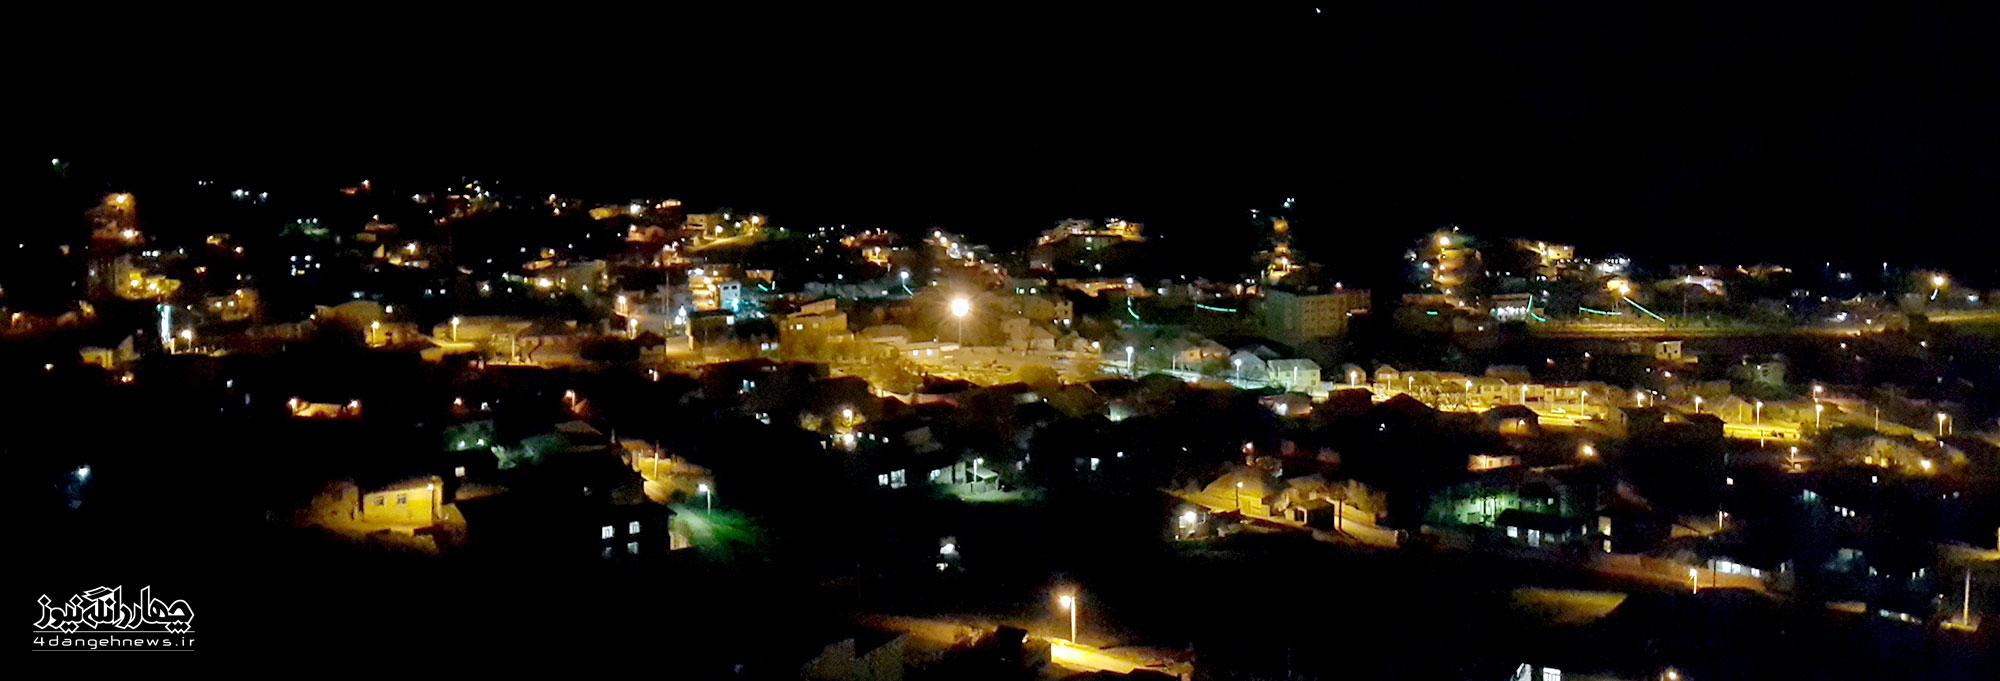 kiasar-shab-panorama-2